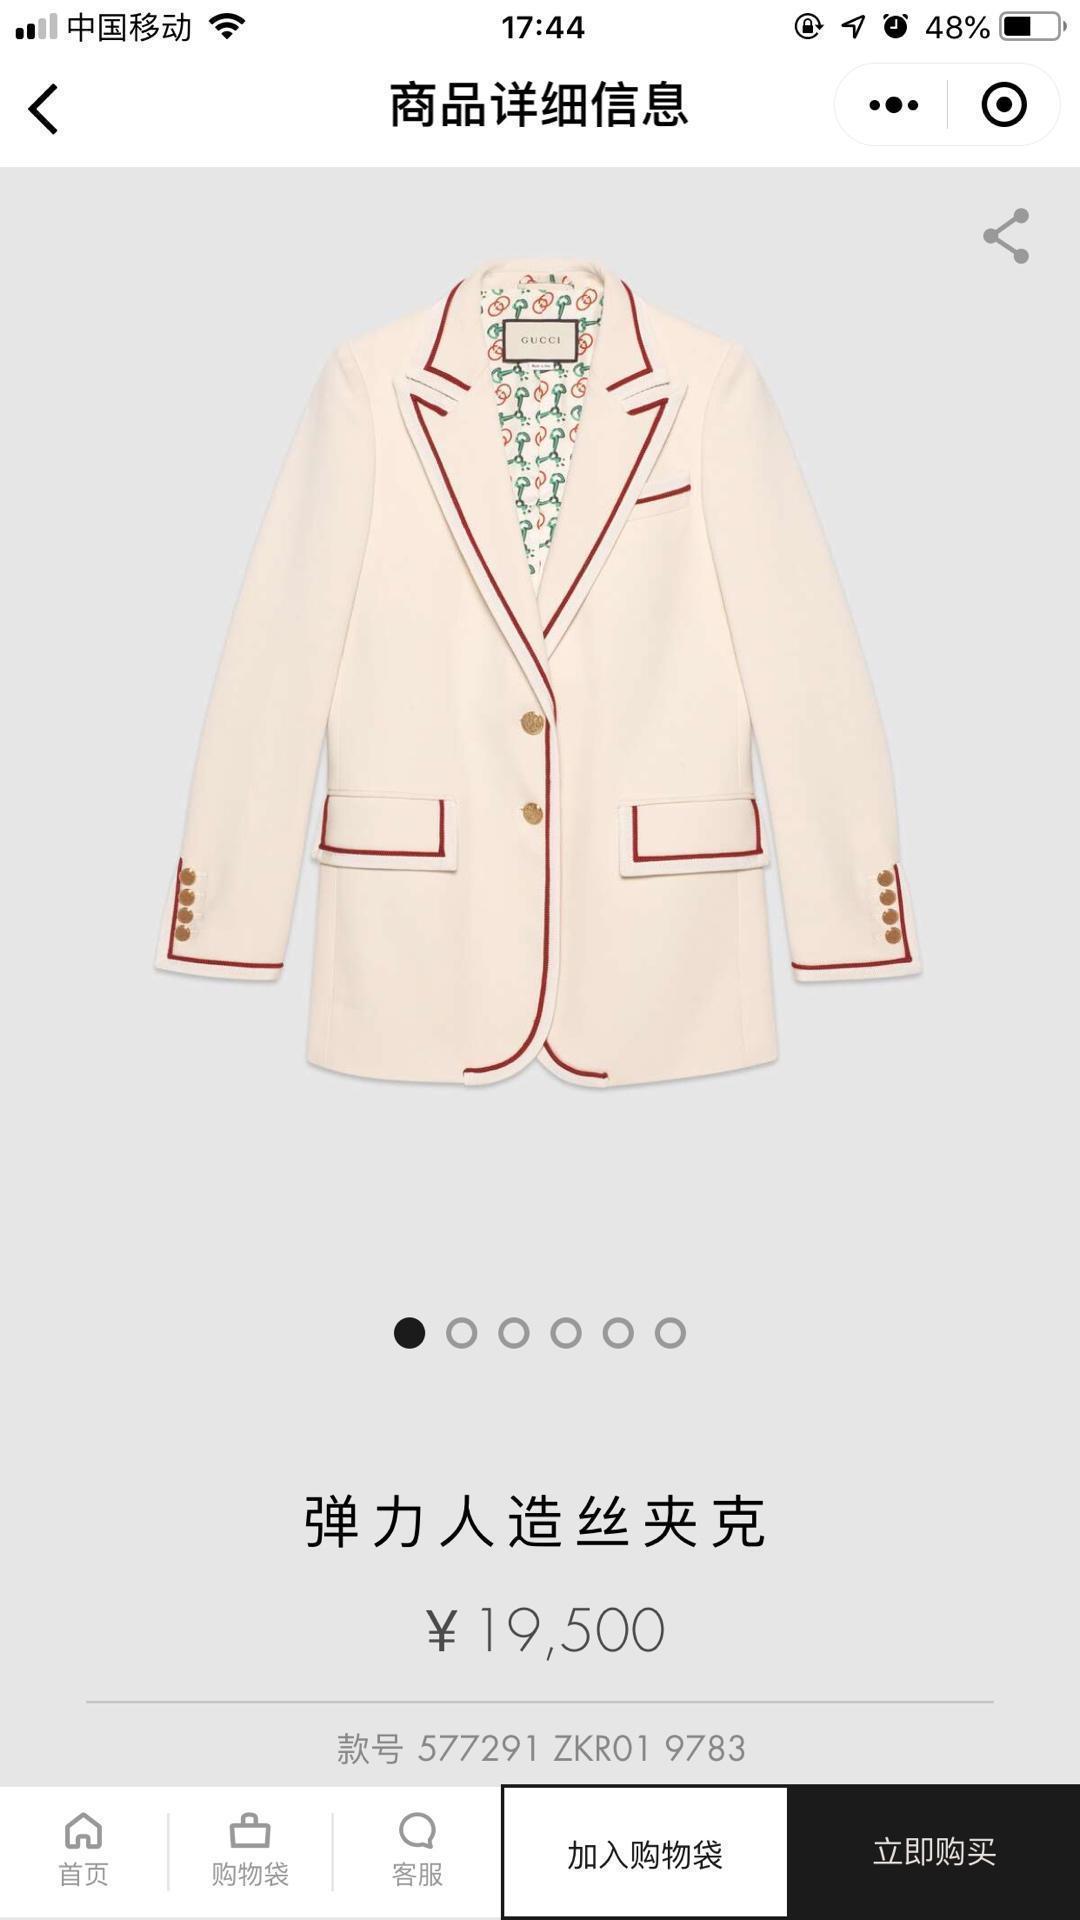 blazer dress brand Women Blazer Suit with Single Button Celebrity Giacca donna nera Cappotti Abbigliamento da lavoro Casual Suit Blazer donna clothes7